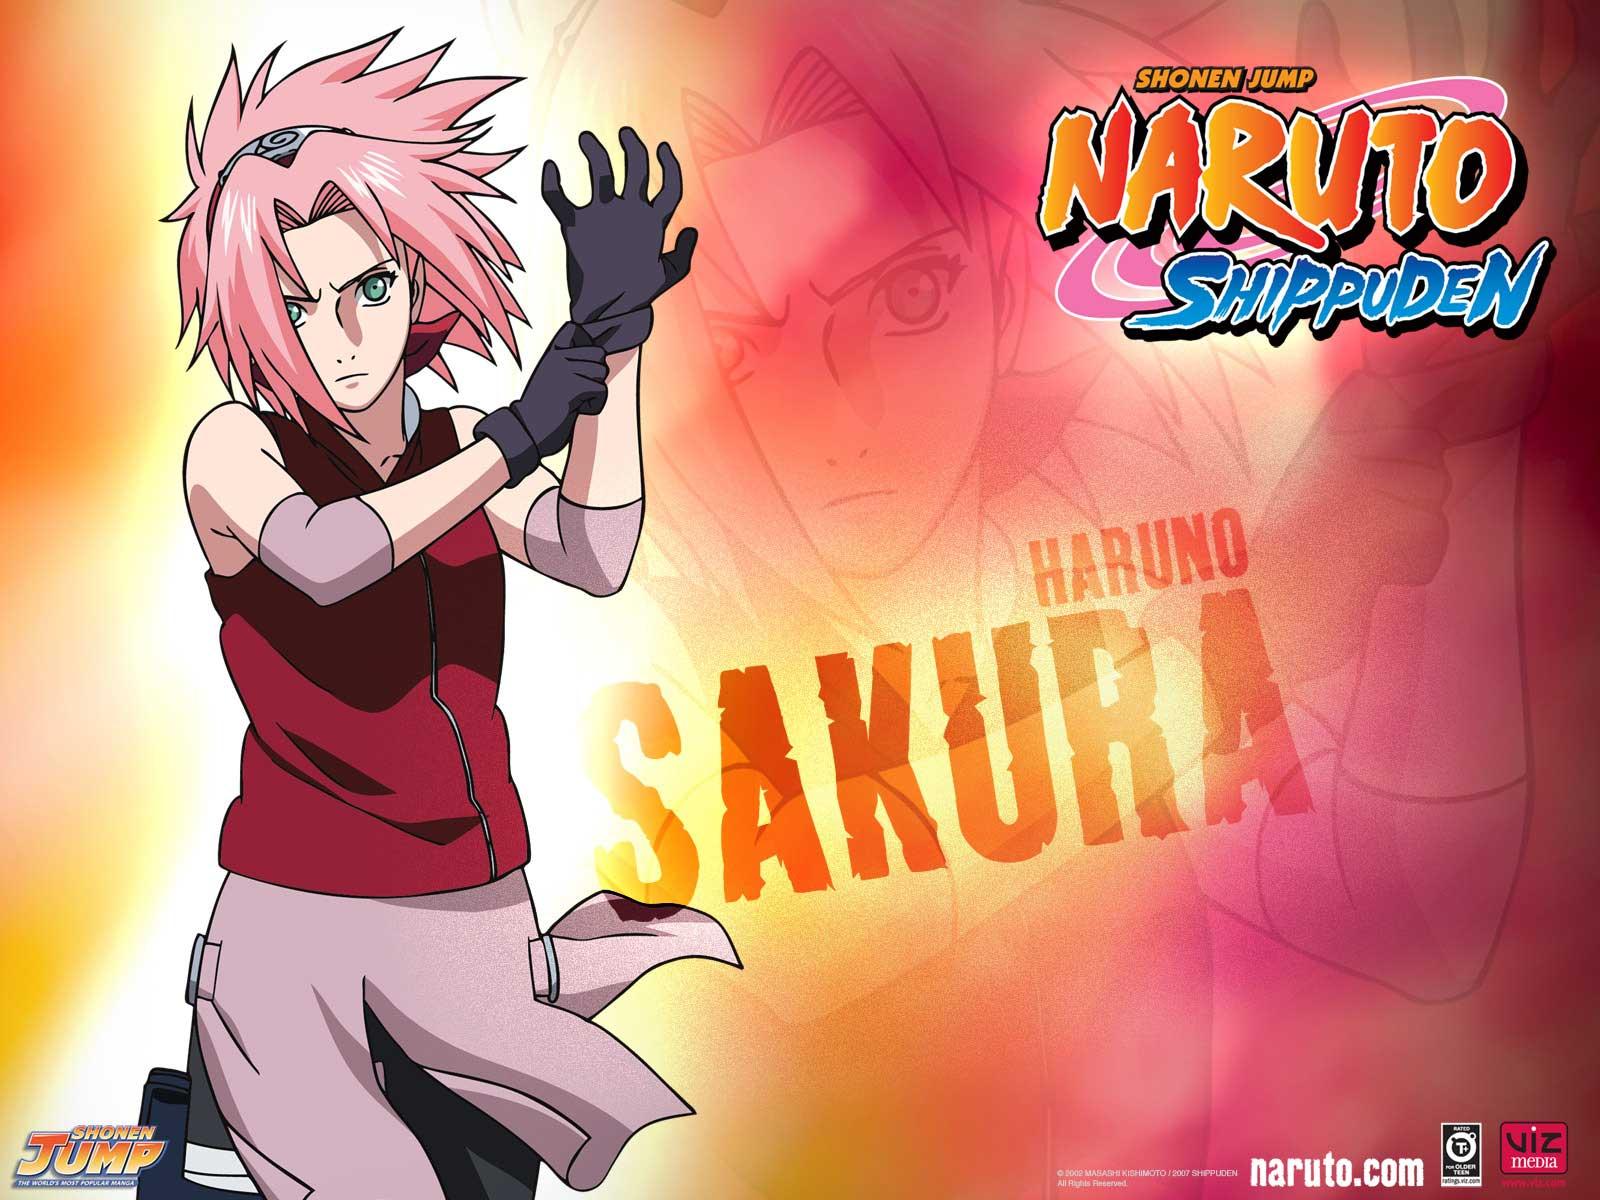 Naruto Shippuden - Haruno Sakura